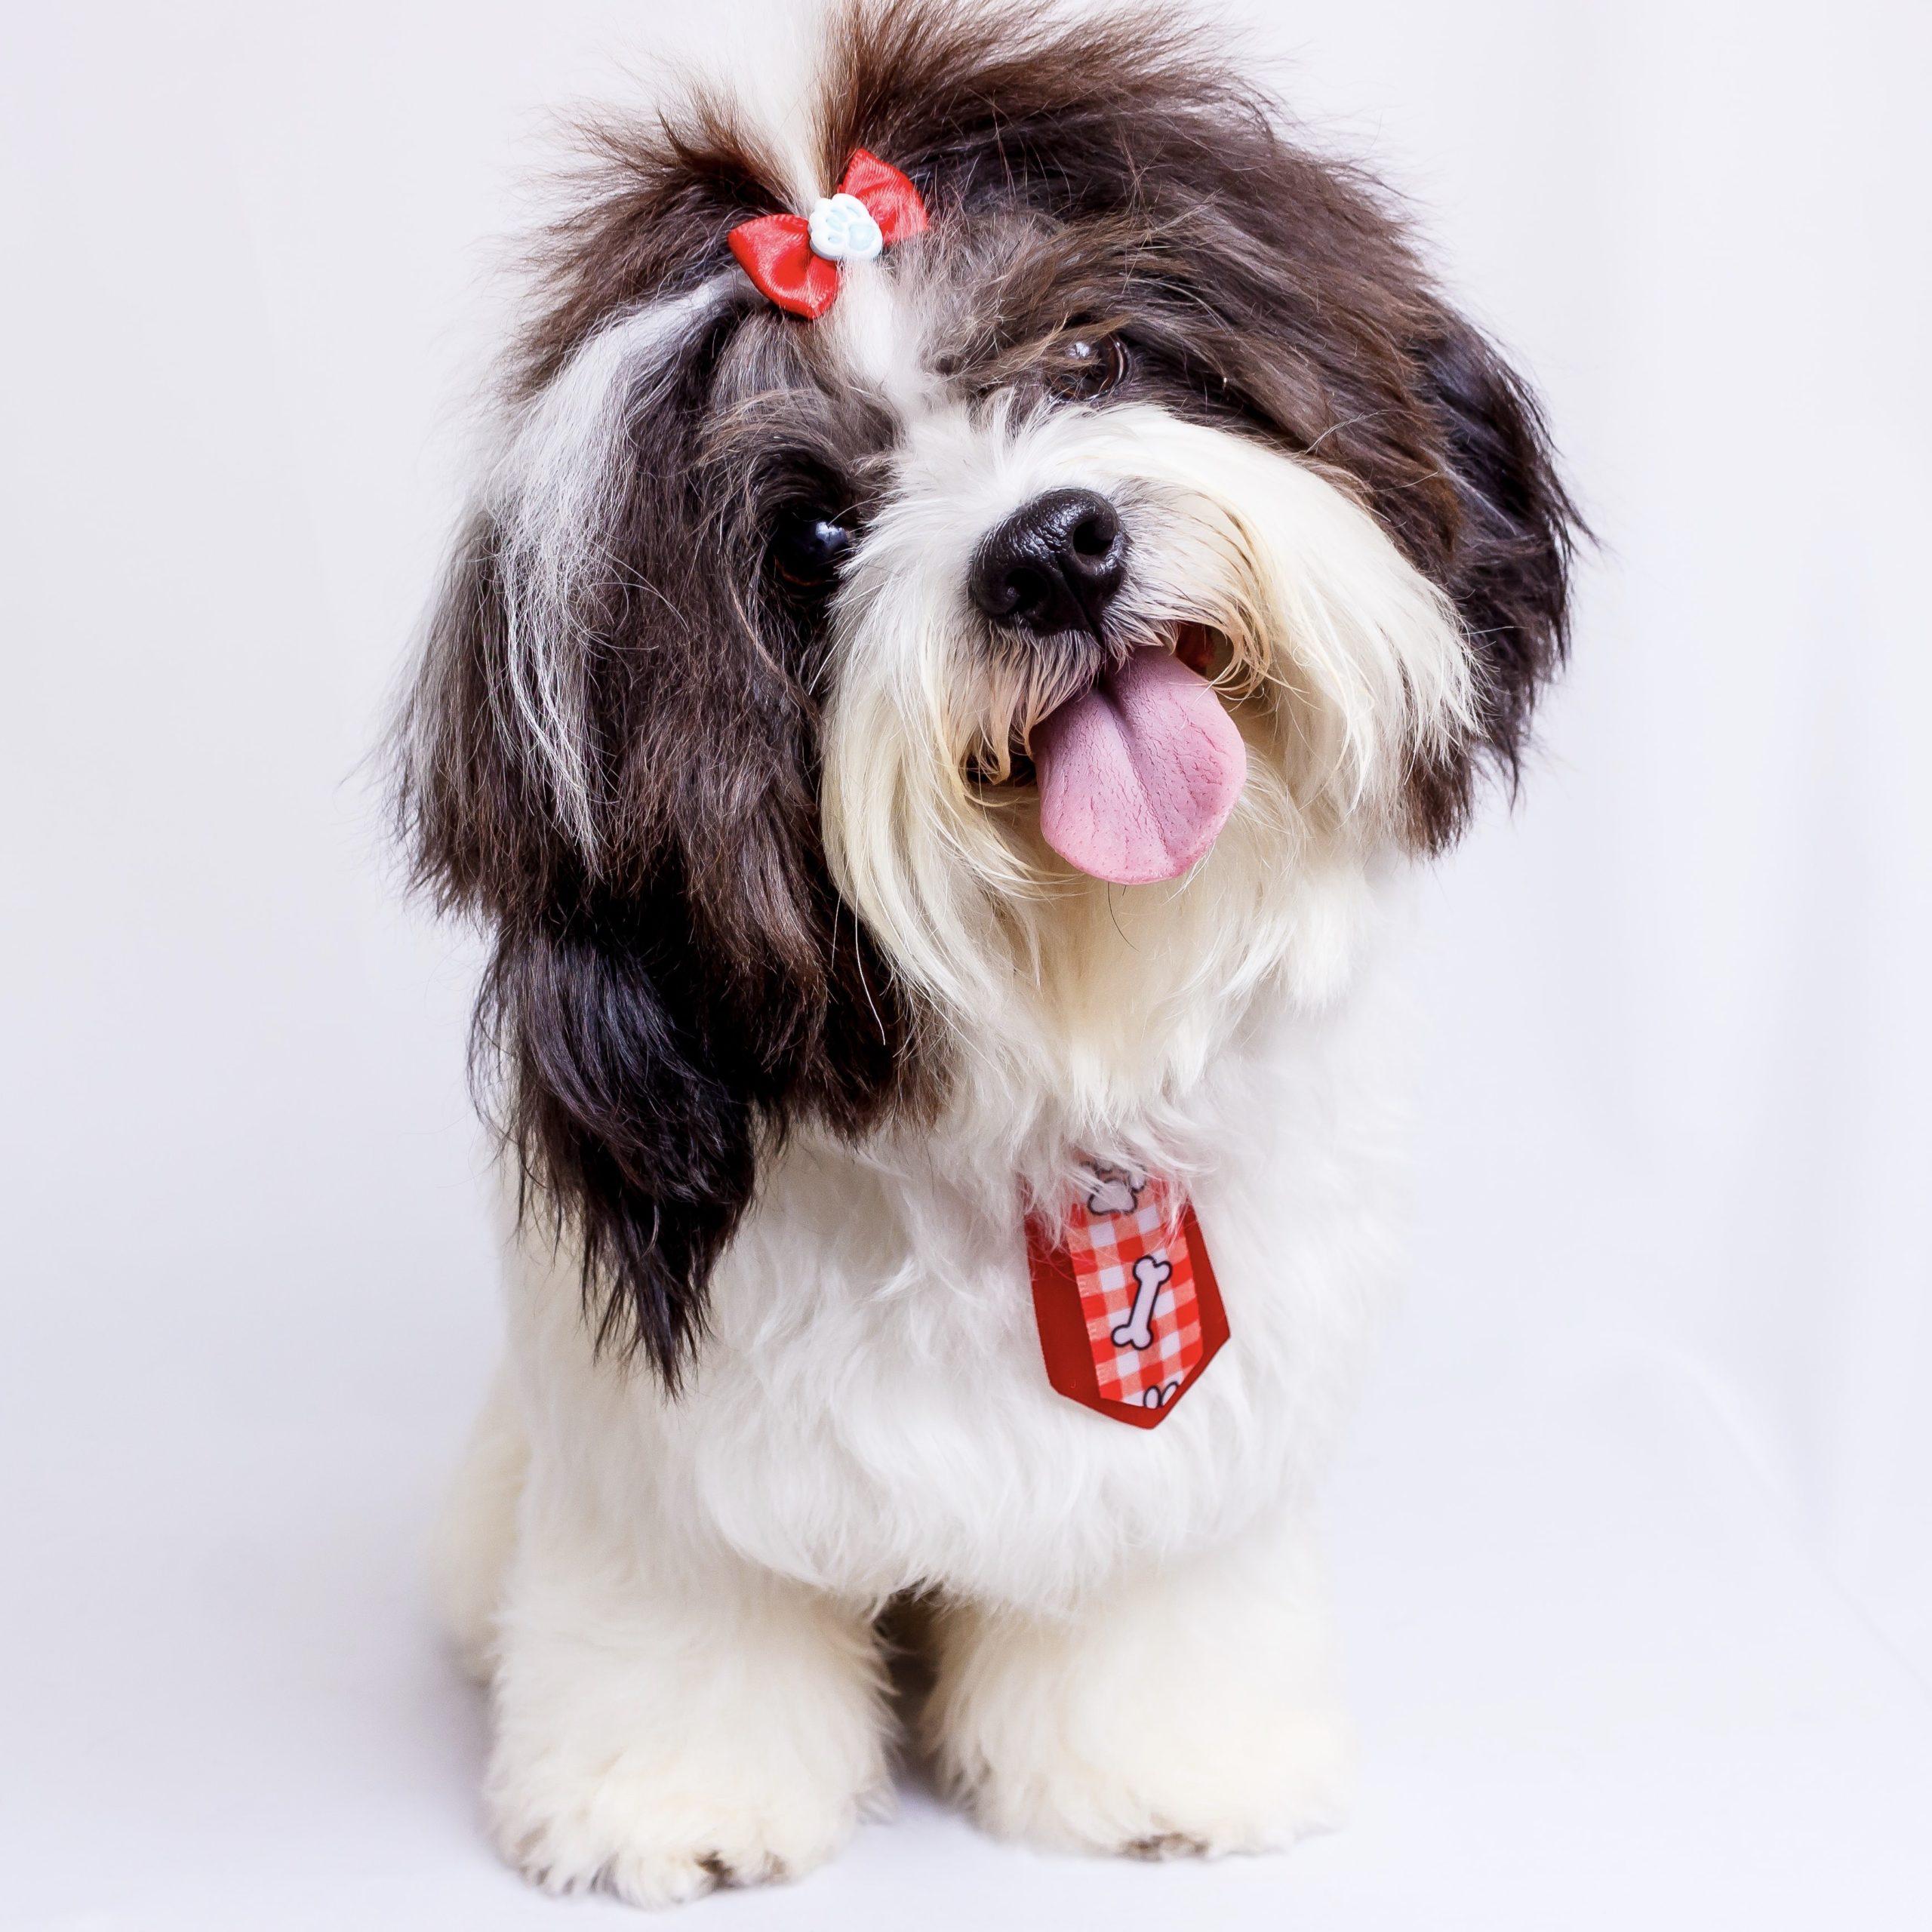 Hundeutstilling, forståelse og pelsstell